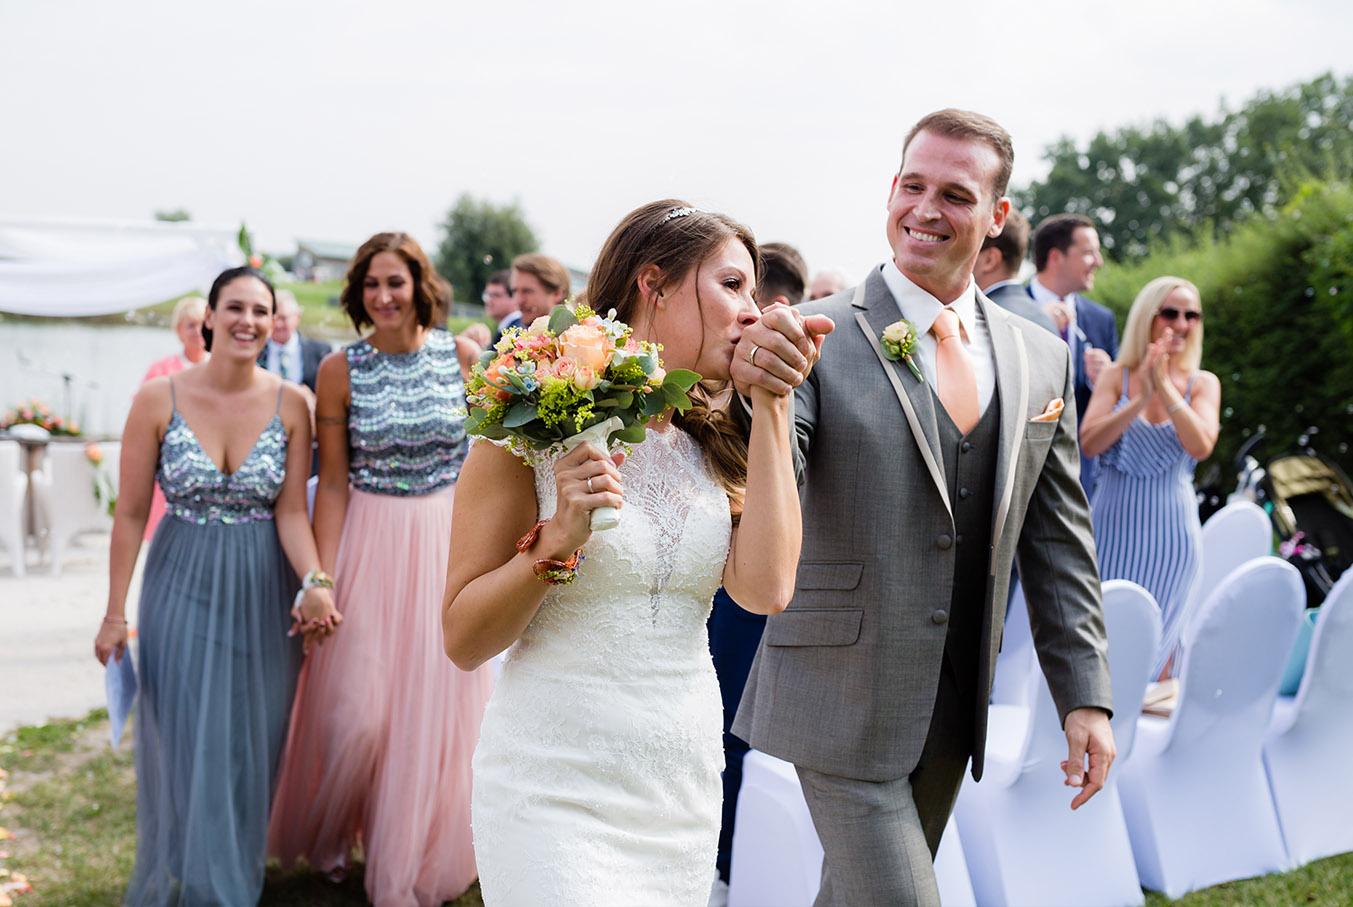 Vienna_Wien_Atzenbrugg_Hochzeit_Paar_Verlobung_Engagement_51